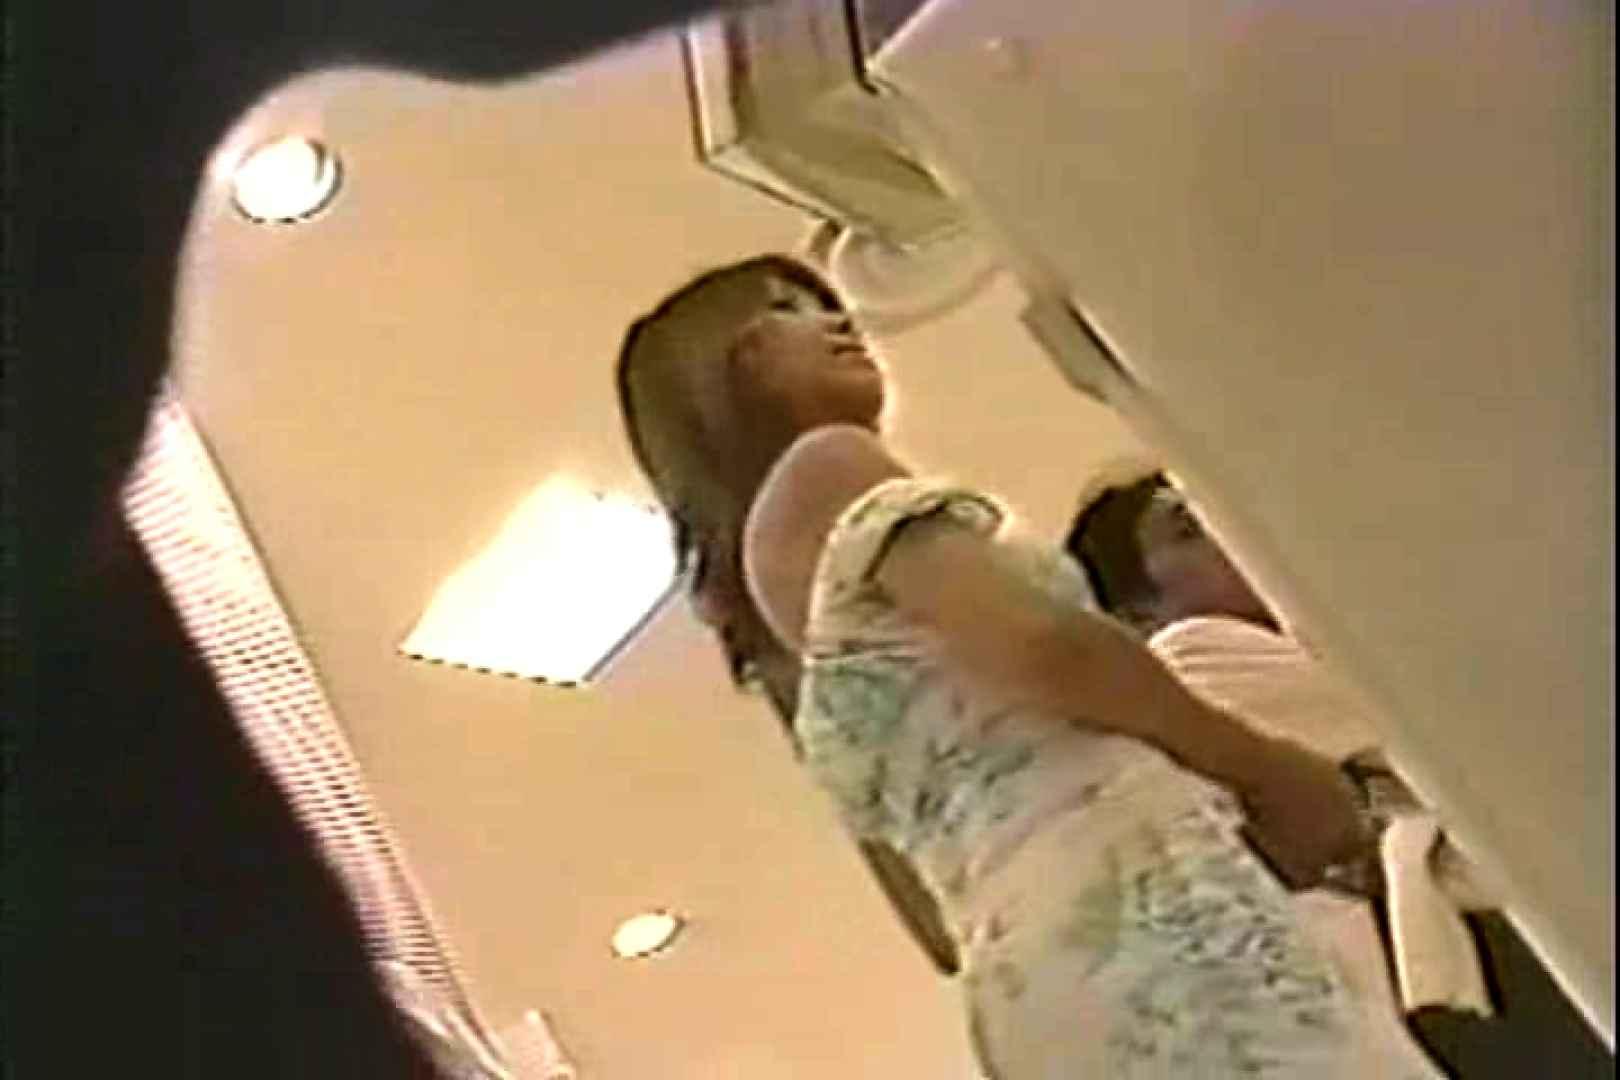 「ちくりん」さんのオリジナル未編集パンチラVol.6_01 新入生パンチラ | ミニスカート  95pic 46